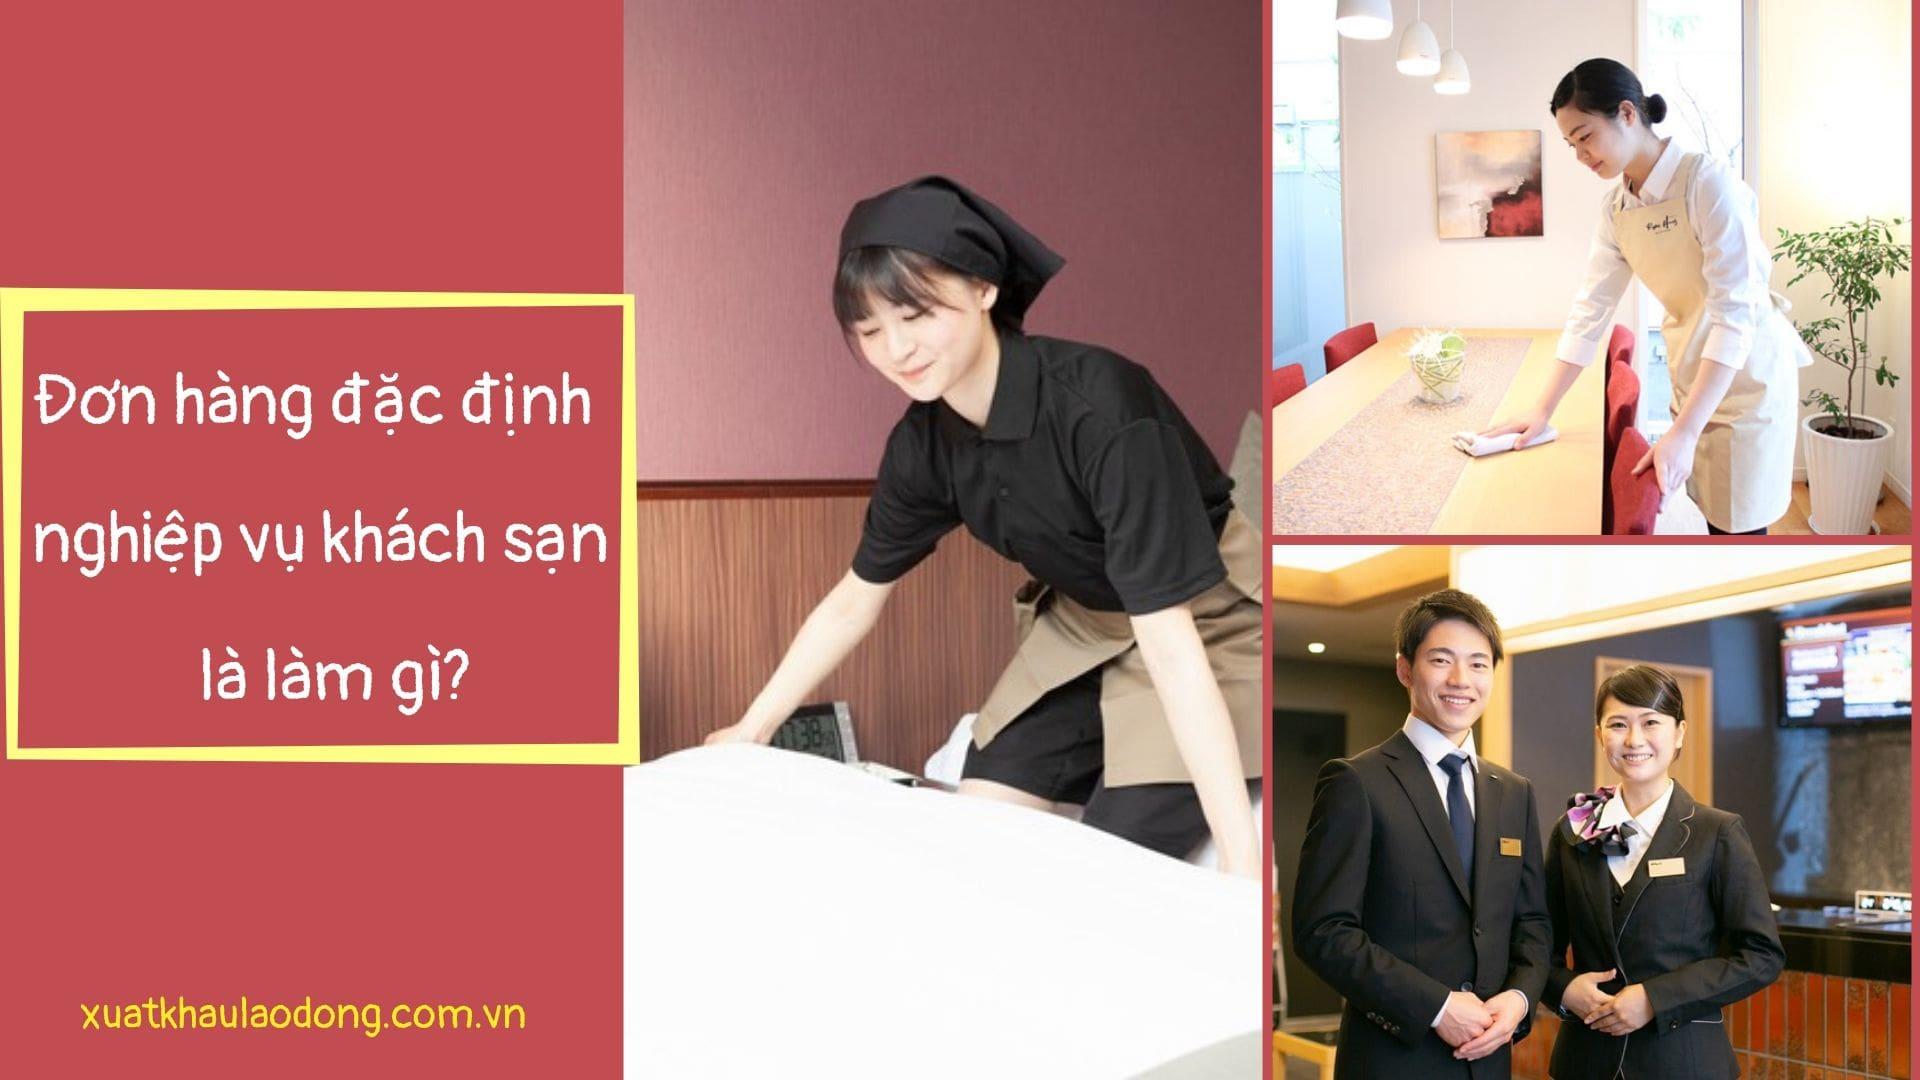 Đơn hàng đặc định nghiệp vụ khách sạn và 5 điều lao động cần biết!